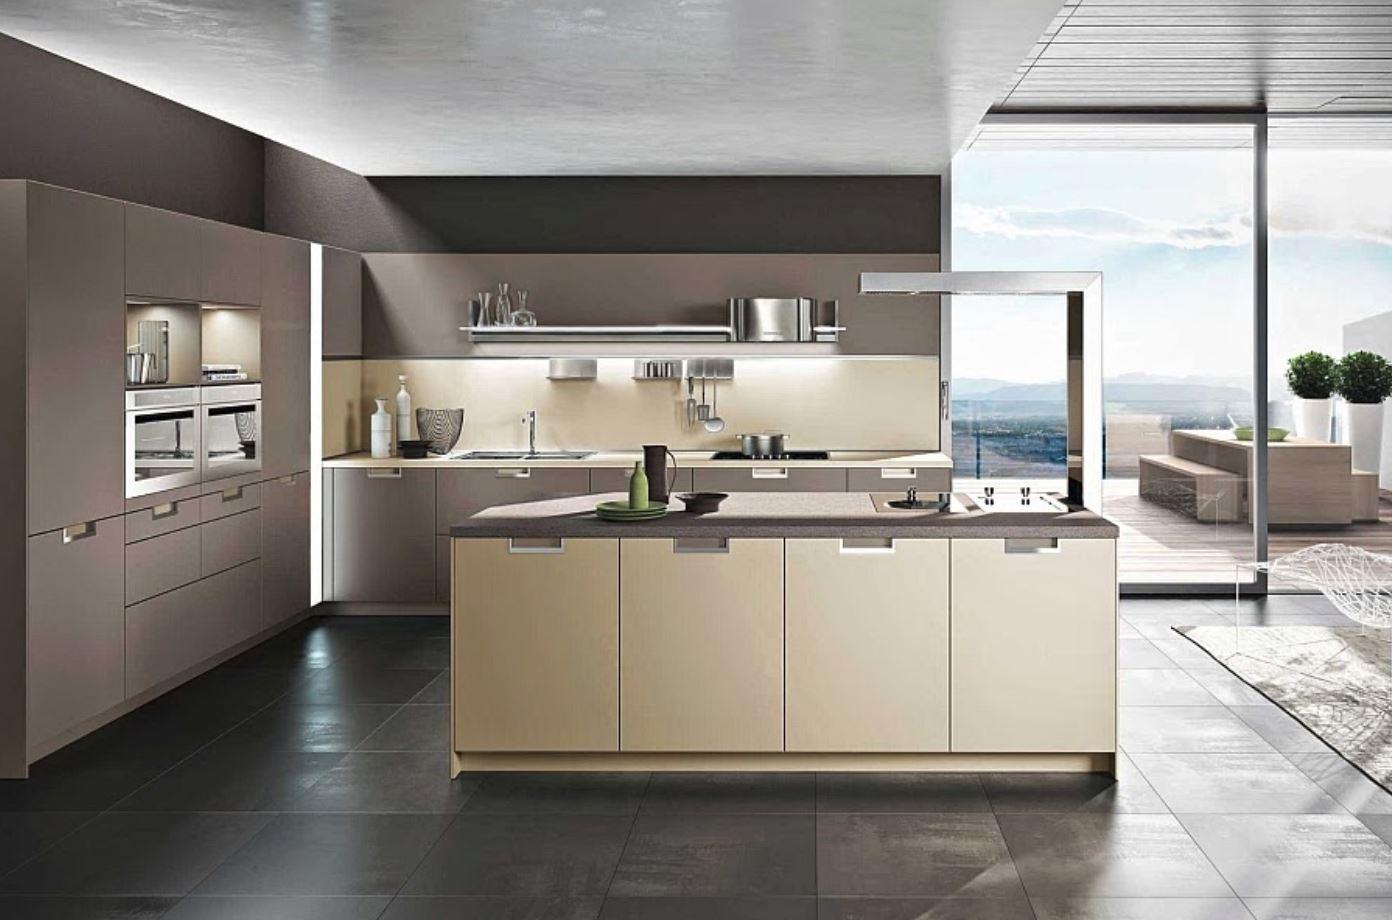 Cocinas modernas for Casas actuales modernas